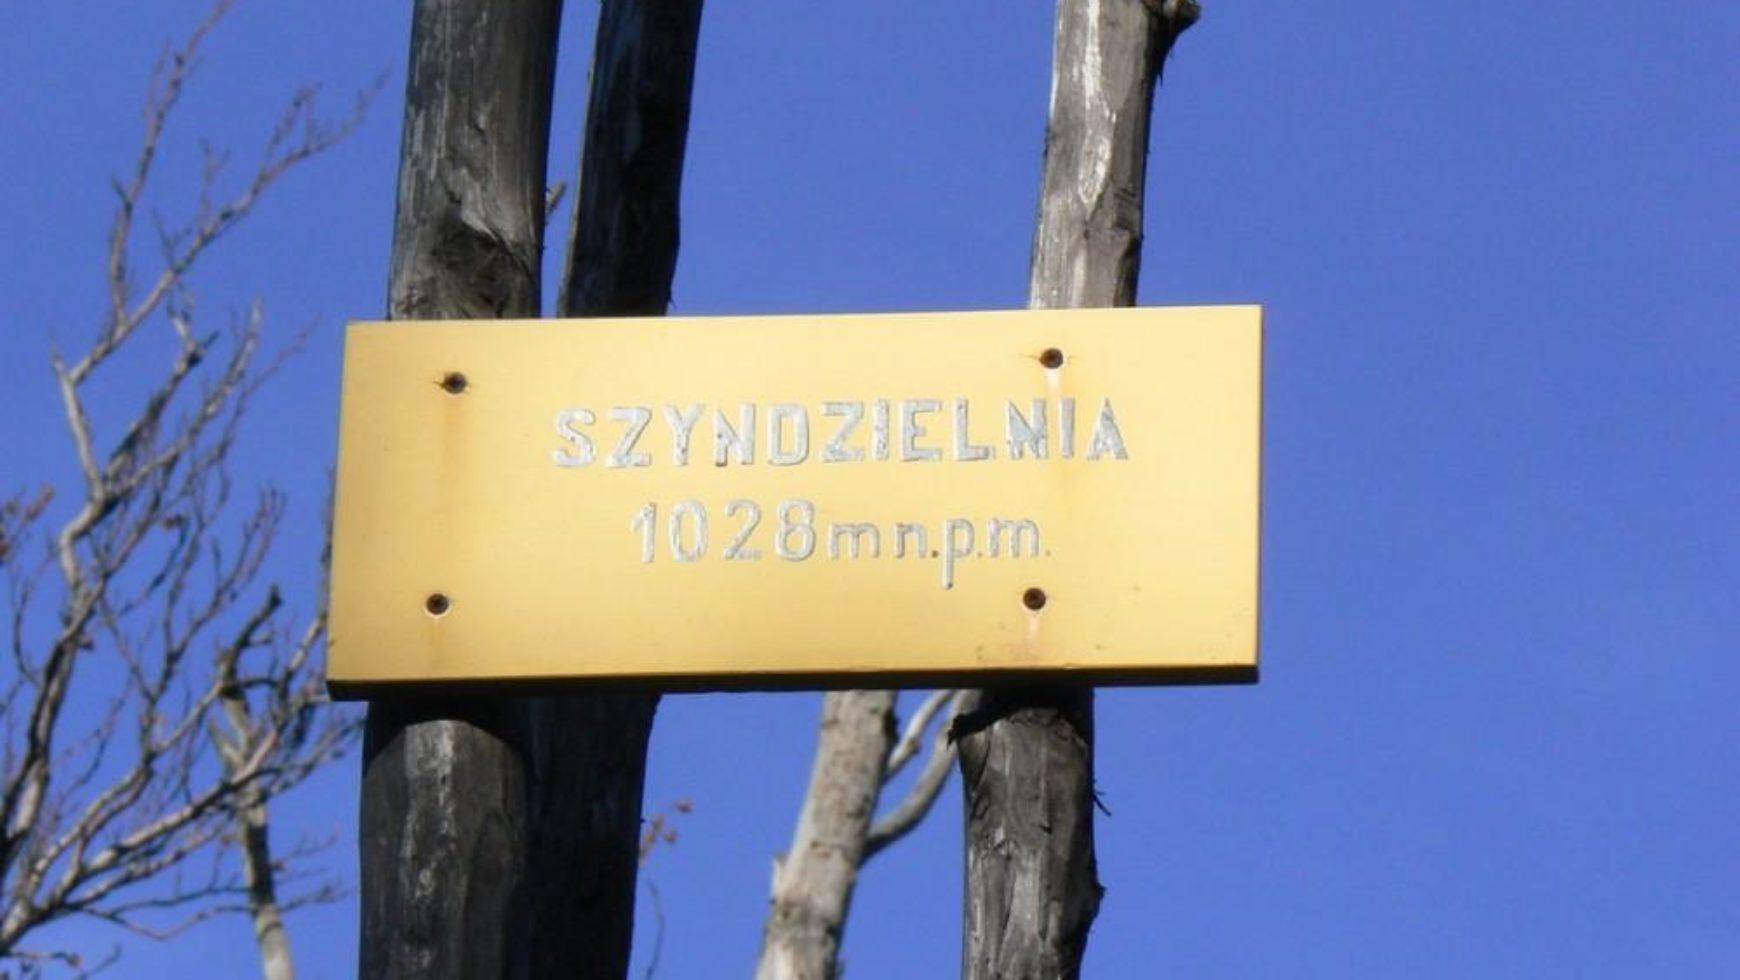 Szyndzielnia w Beskidzie Śląskim pomysłem na aktywny event